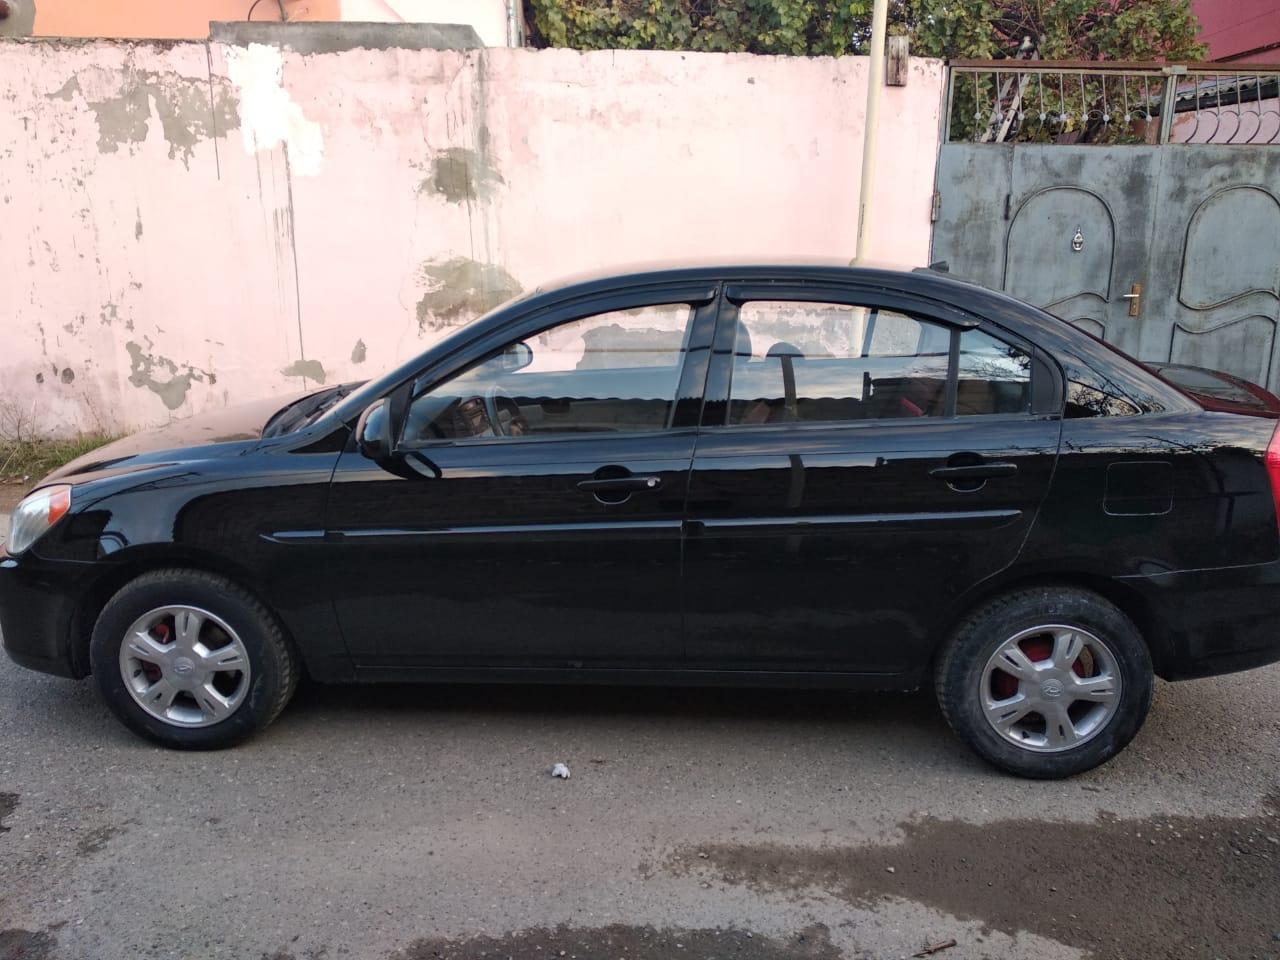 Hyundai Accent 1.4(lt) 2009 Подержанный  $12500